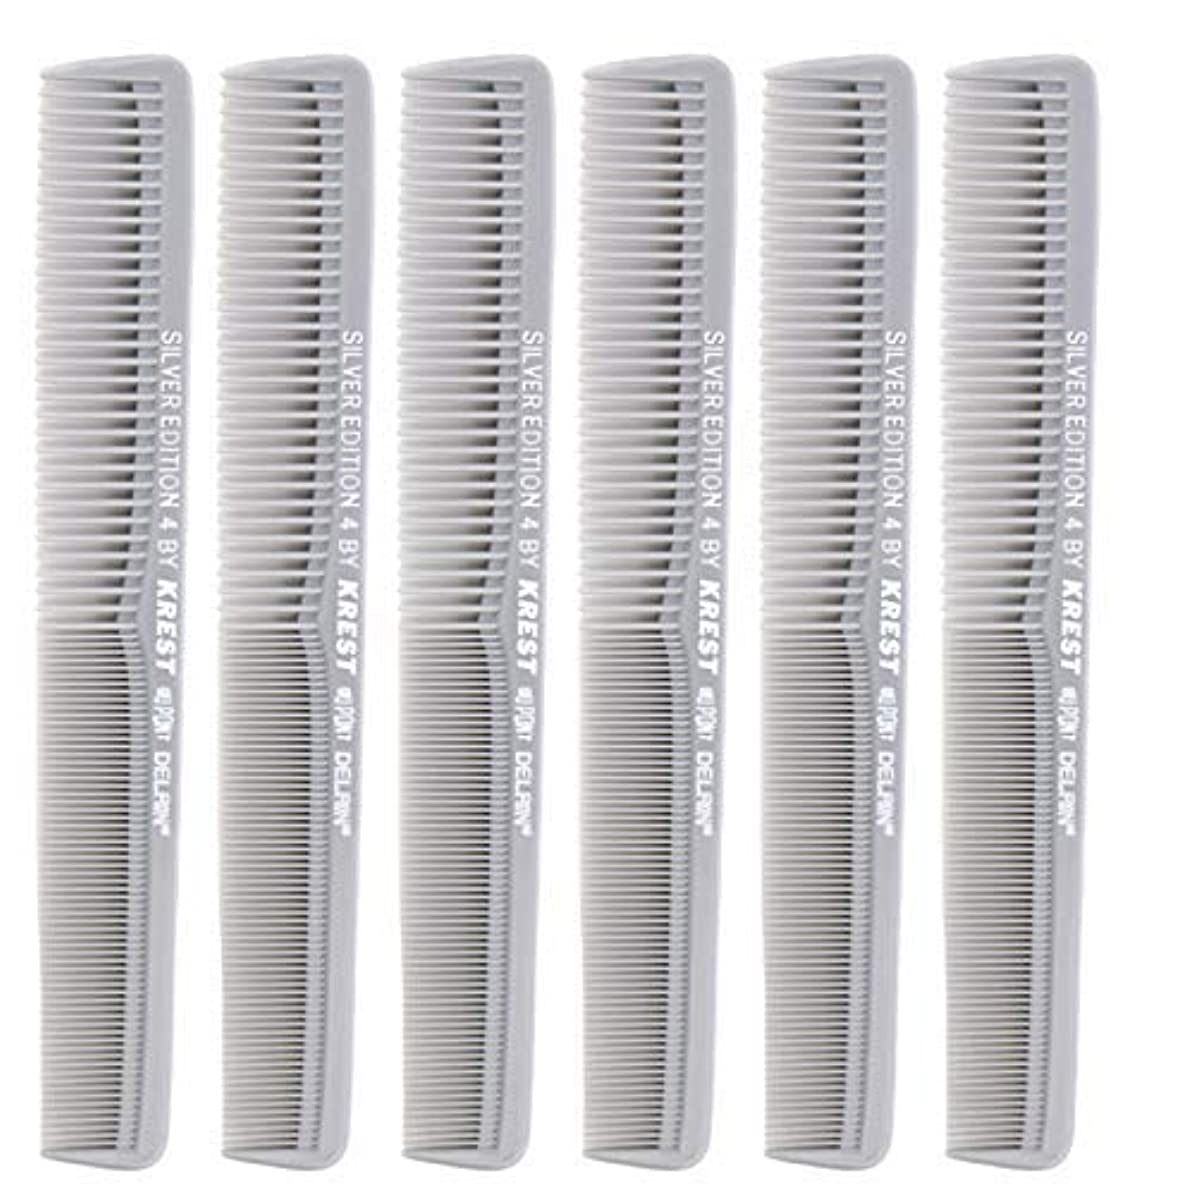 崩壊中央ボイラー7 In. Silver Edition Heat Resistant All Purpose Hair Comb Model #4 Krest Comb, [並行輸入品]